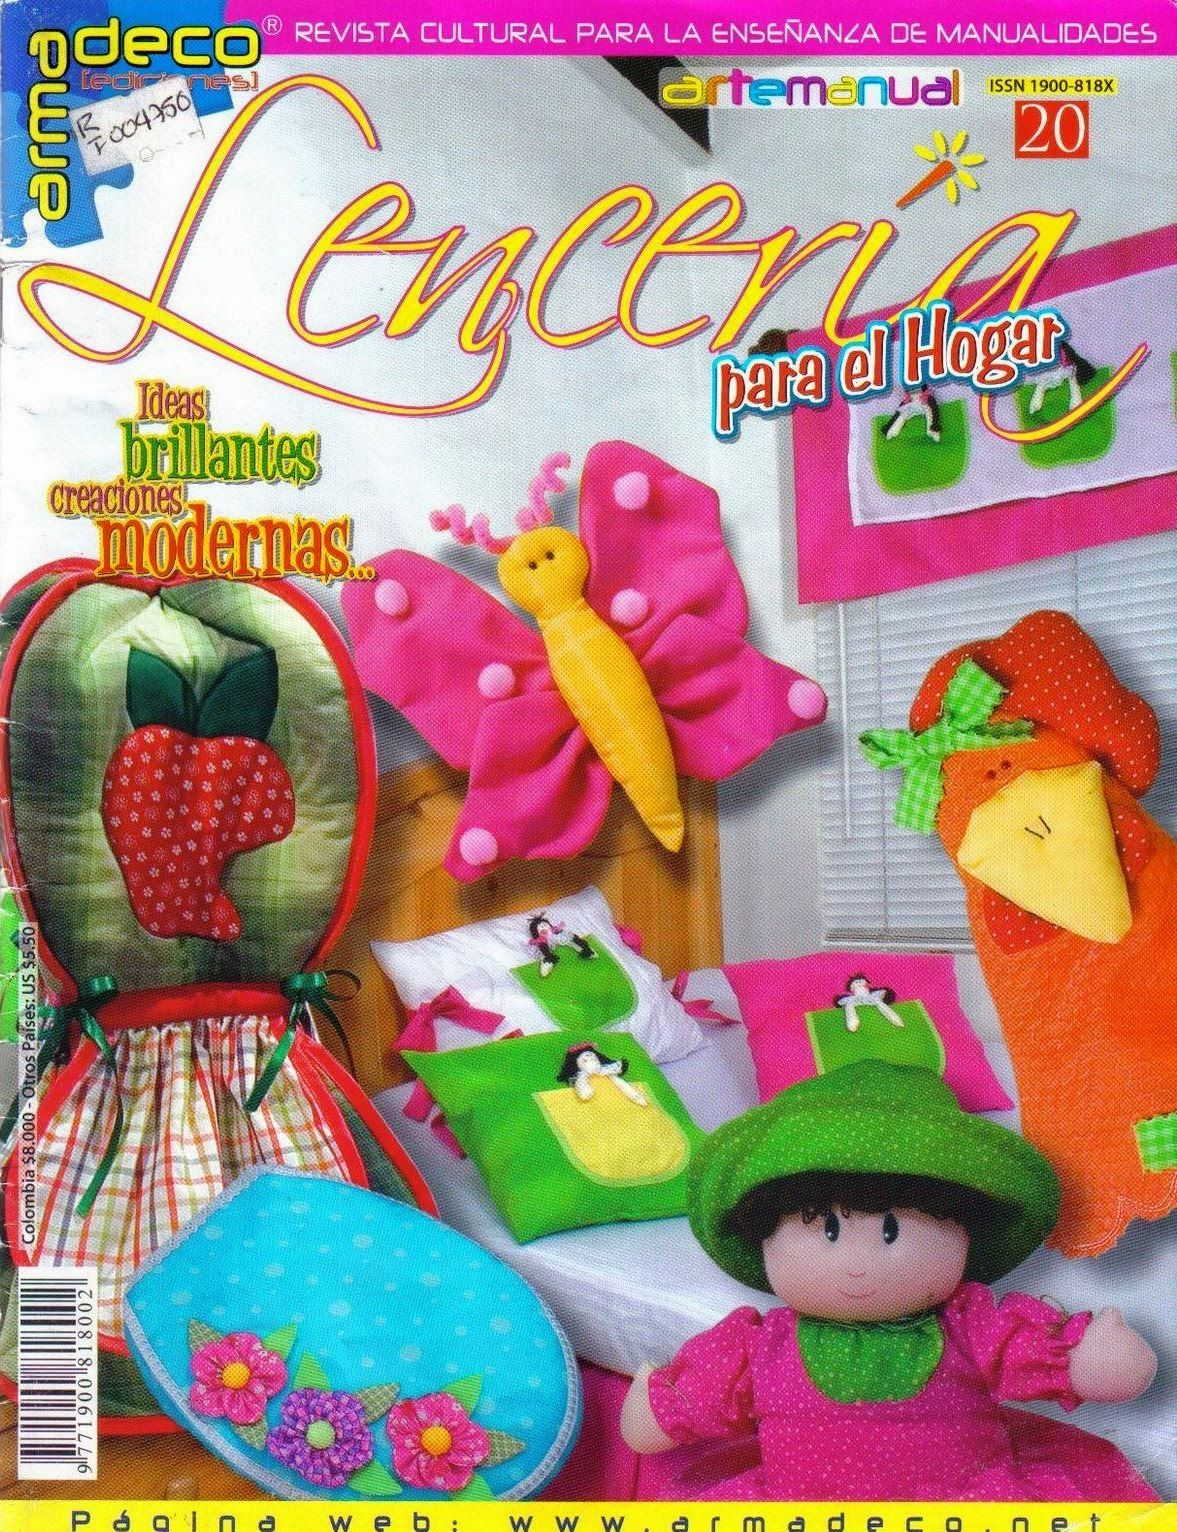 revista lencer a para el hogar revistas lenceria para el